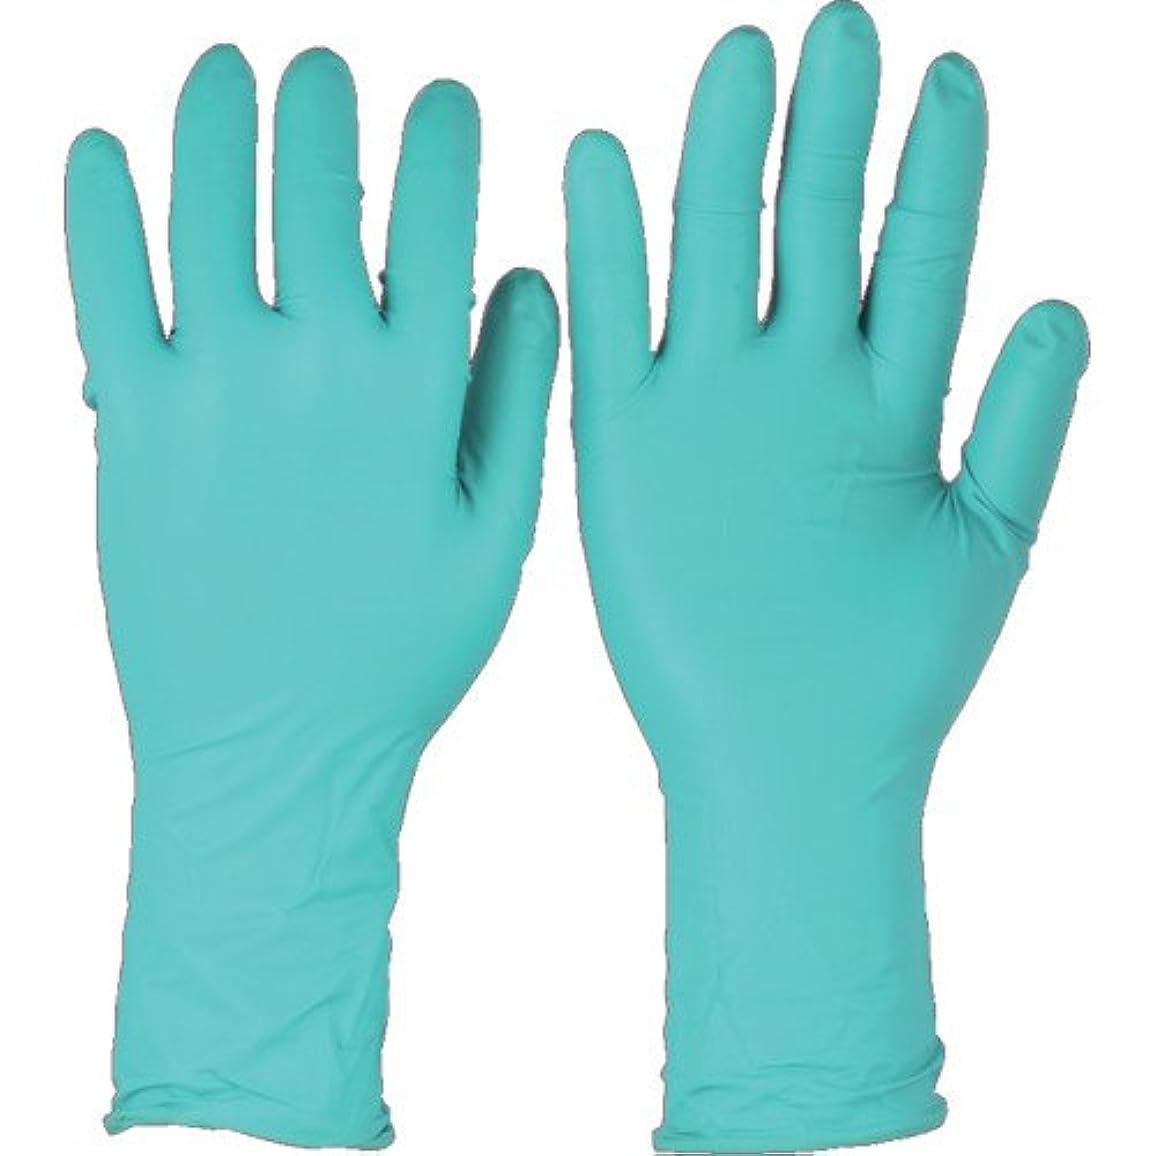 主権者体シンボルトラスコ中山 アンセル ネオプレンゴム使い捨て手袋 マイクロフレックス 93-260 XSサイズ (50枚入)  932606